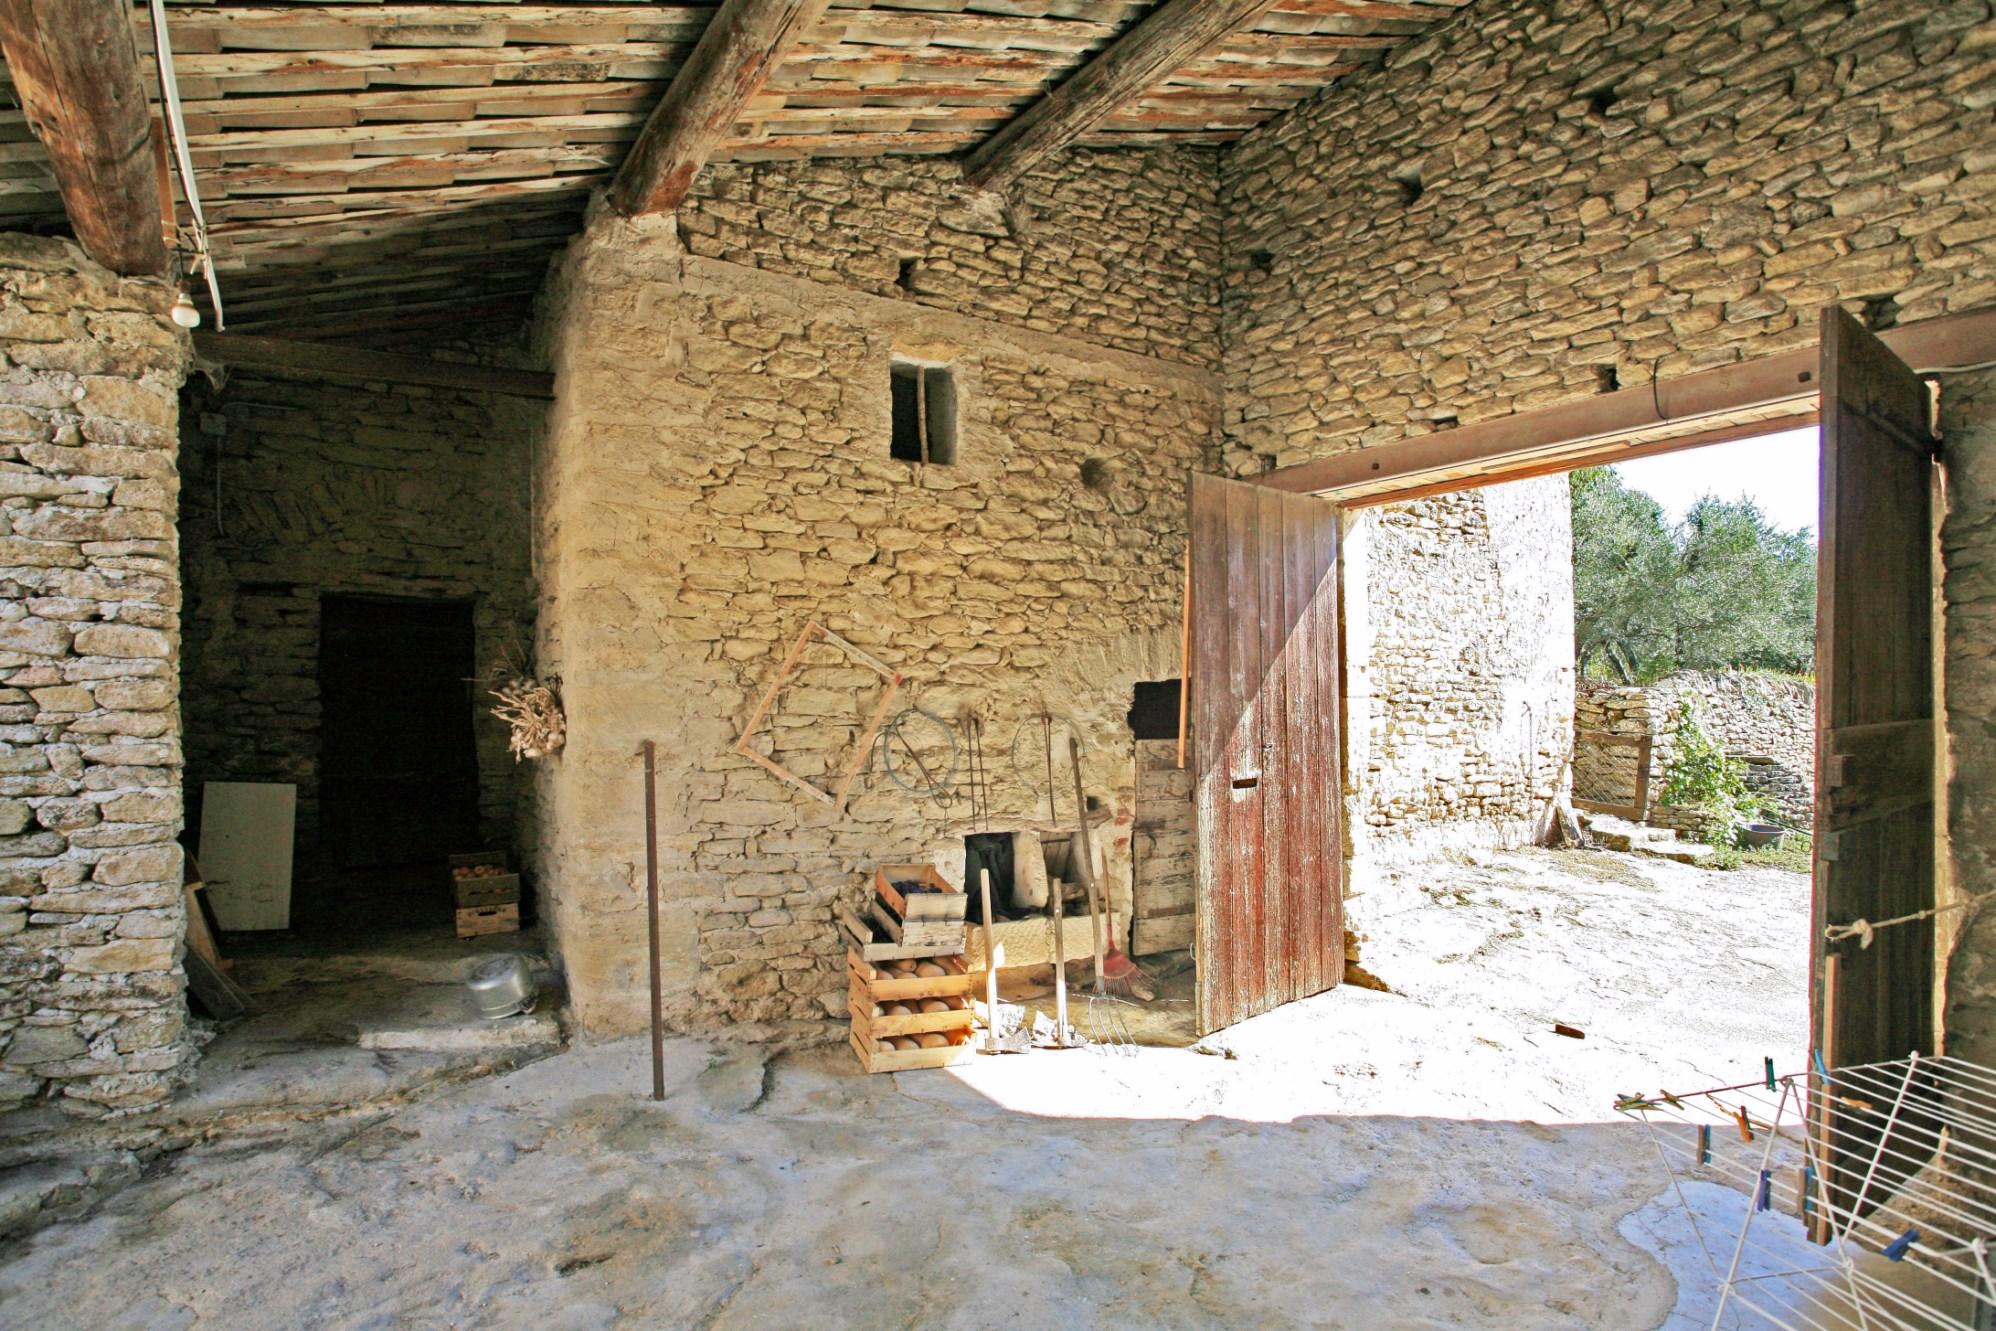 Luberon, en vente, proche de Gordes, mas provençal du XVIII et XIXème siècles à rénover